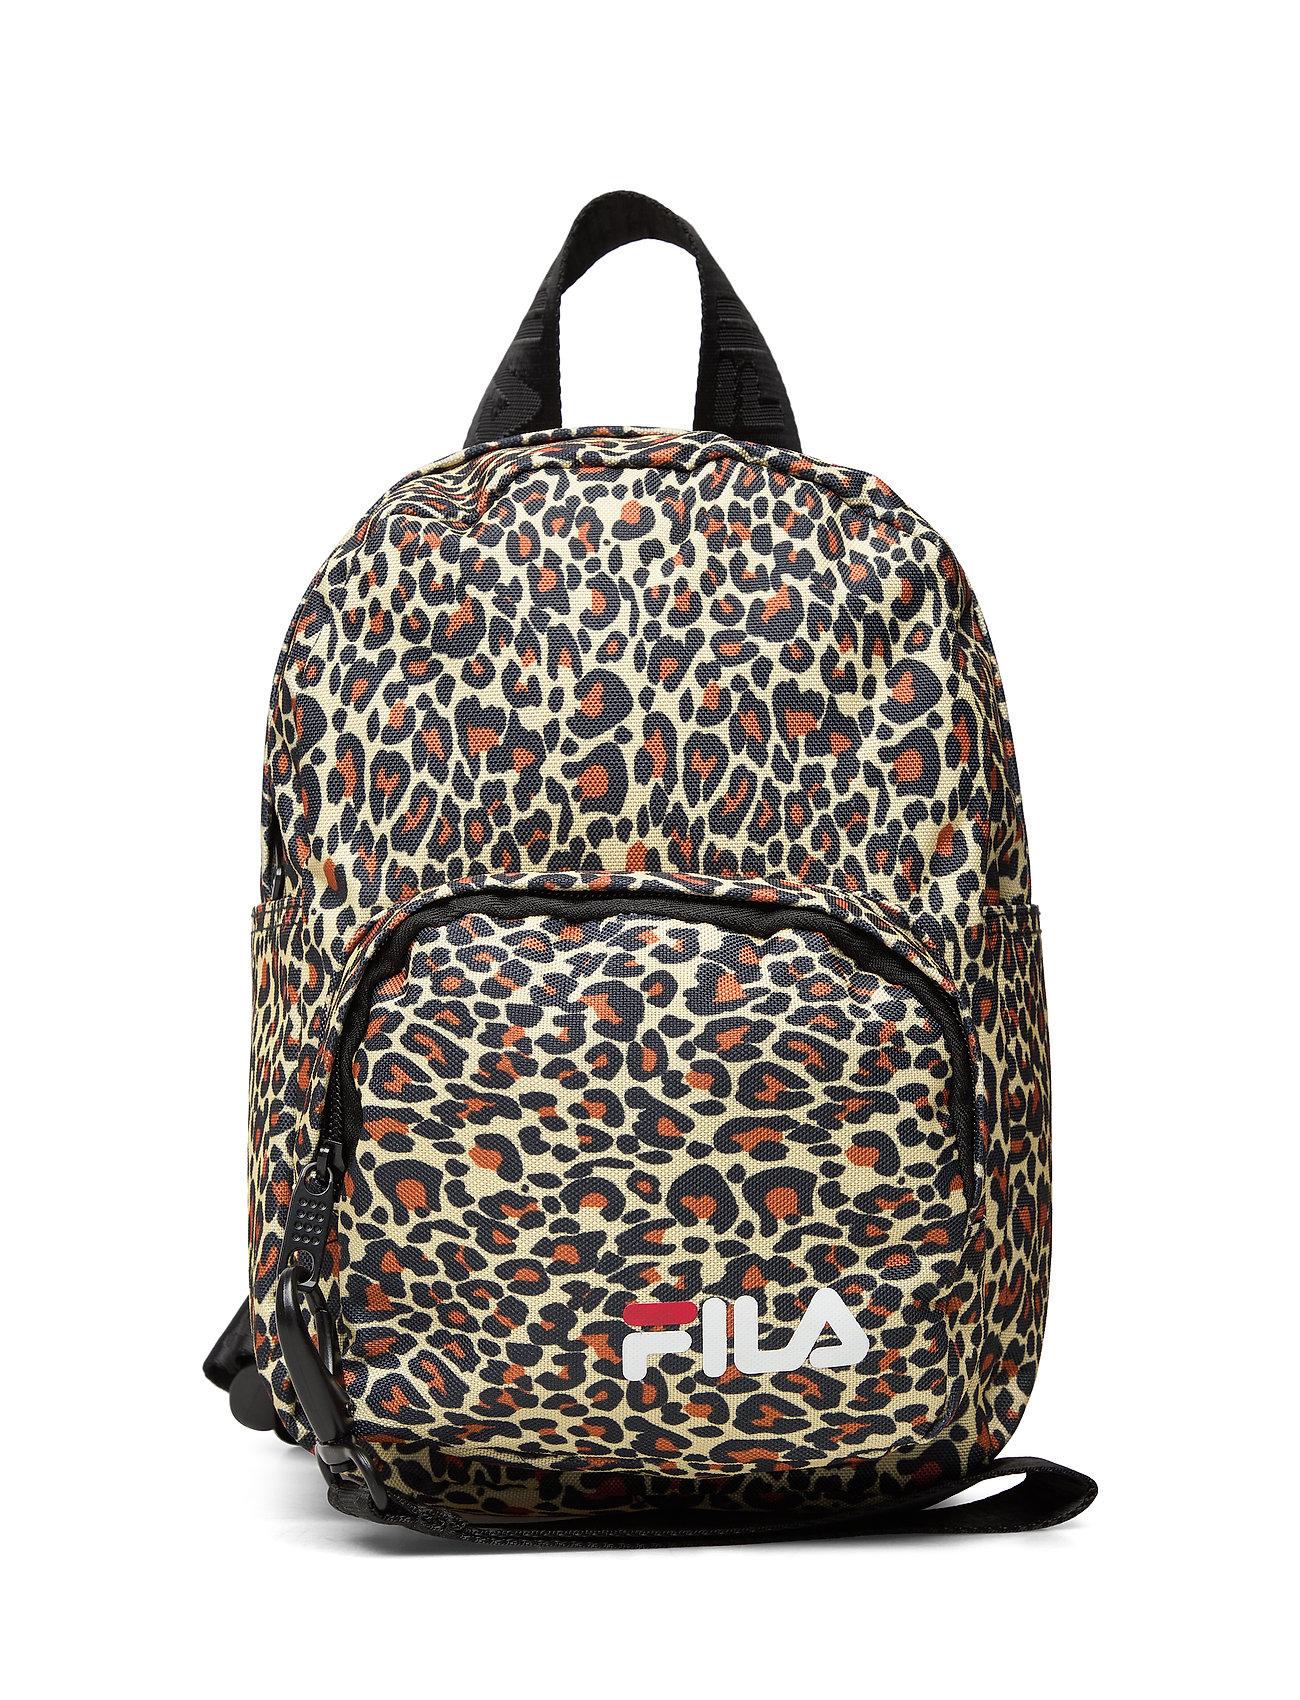 Image of Varberg Aop Mini Strap Backpack Rygsæk Taske Multi/mønstret FILA (3266176317)